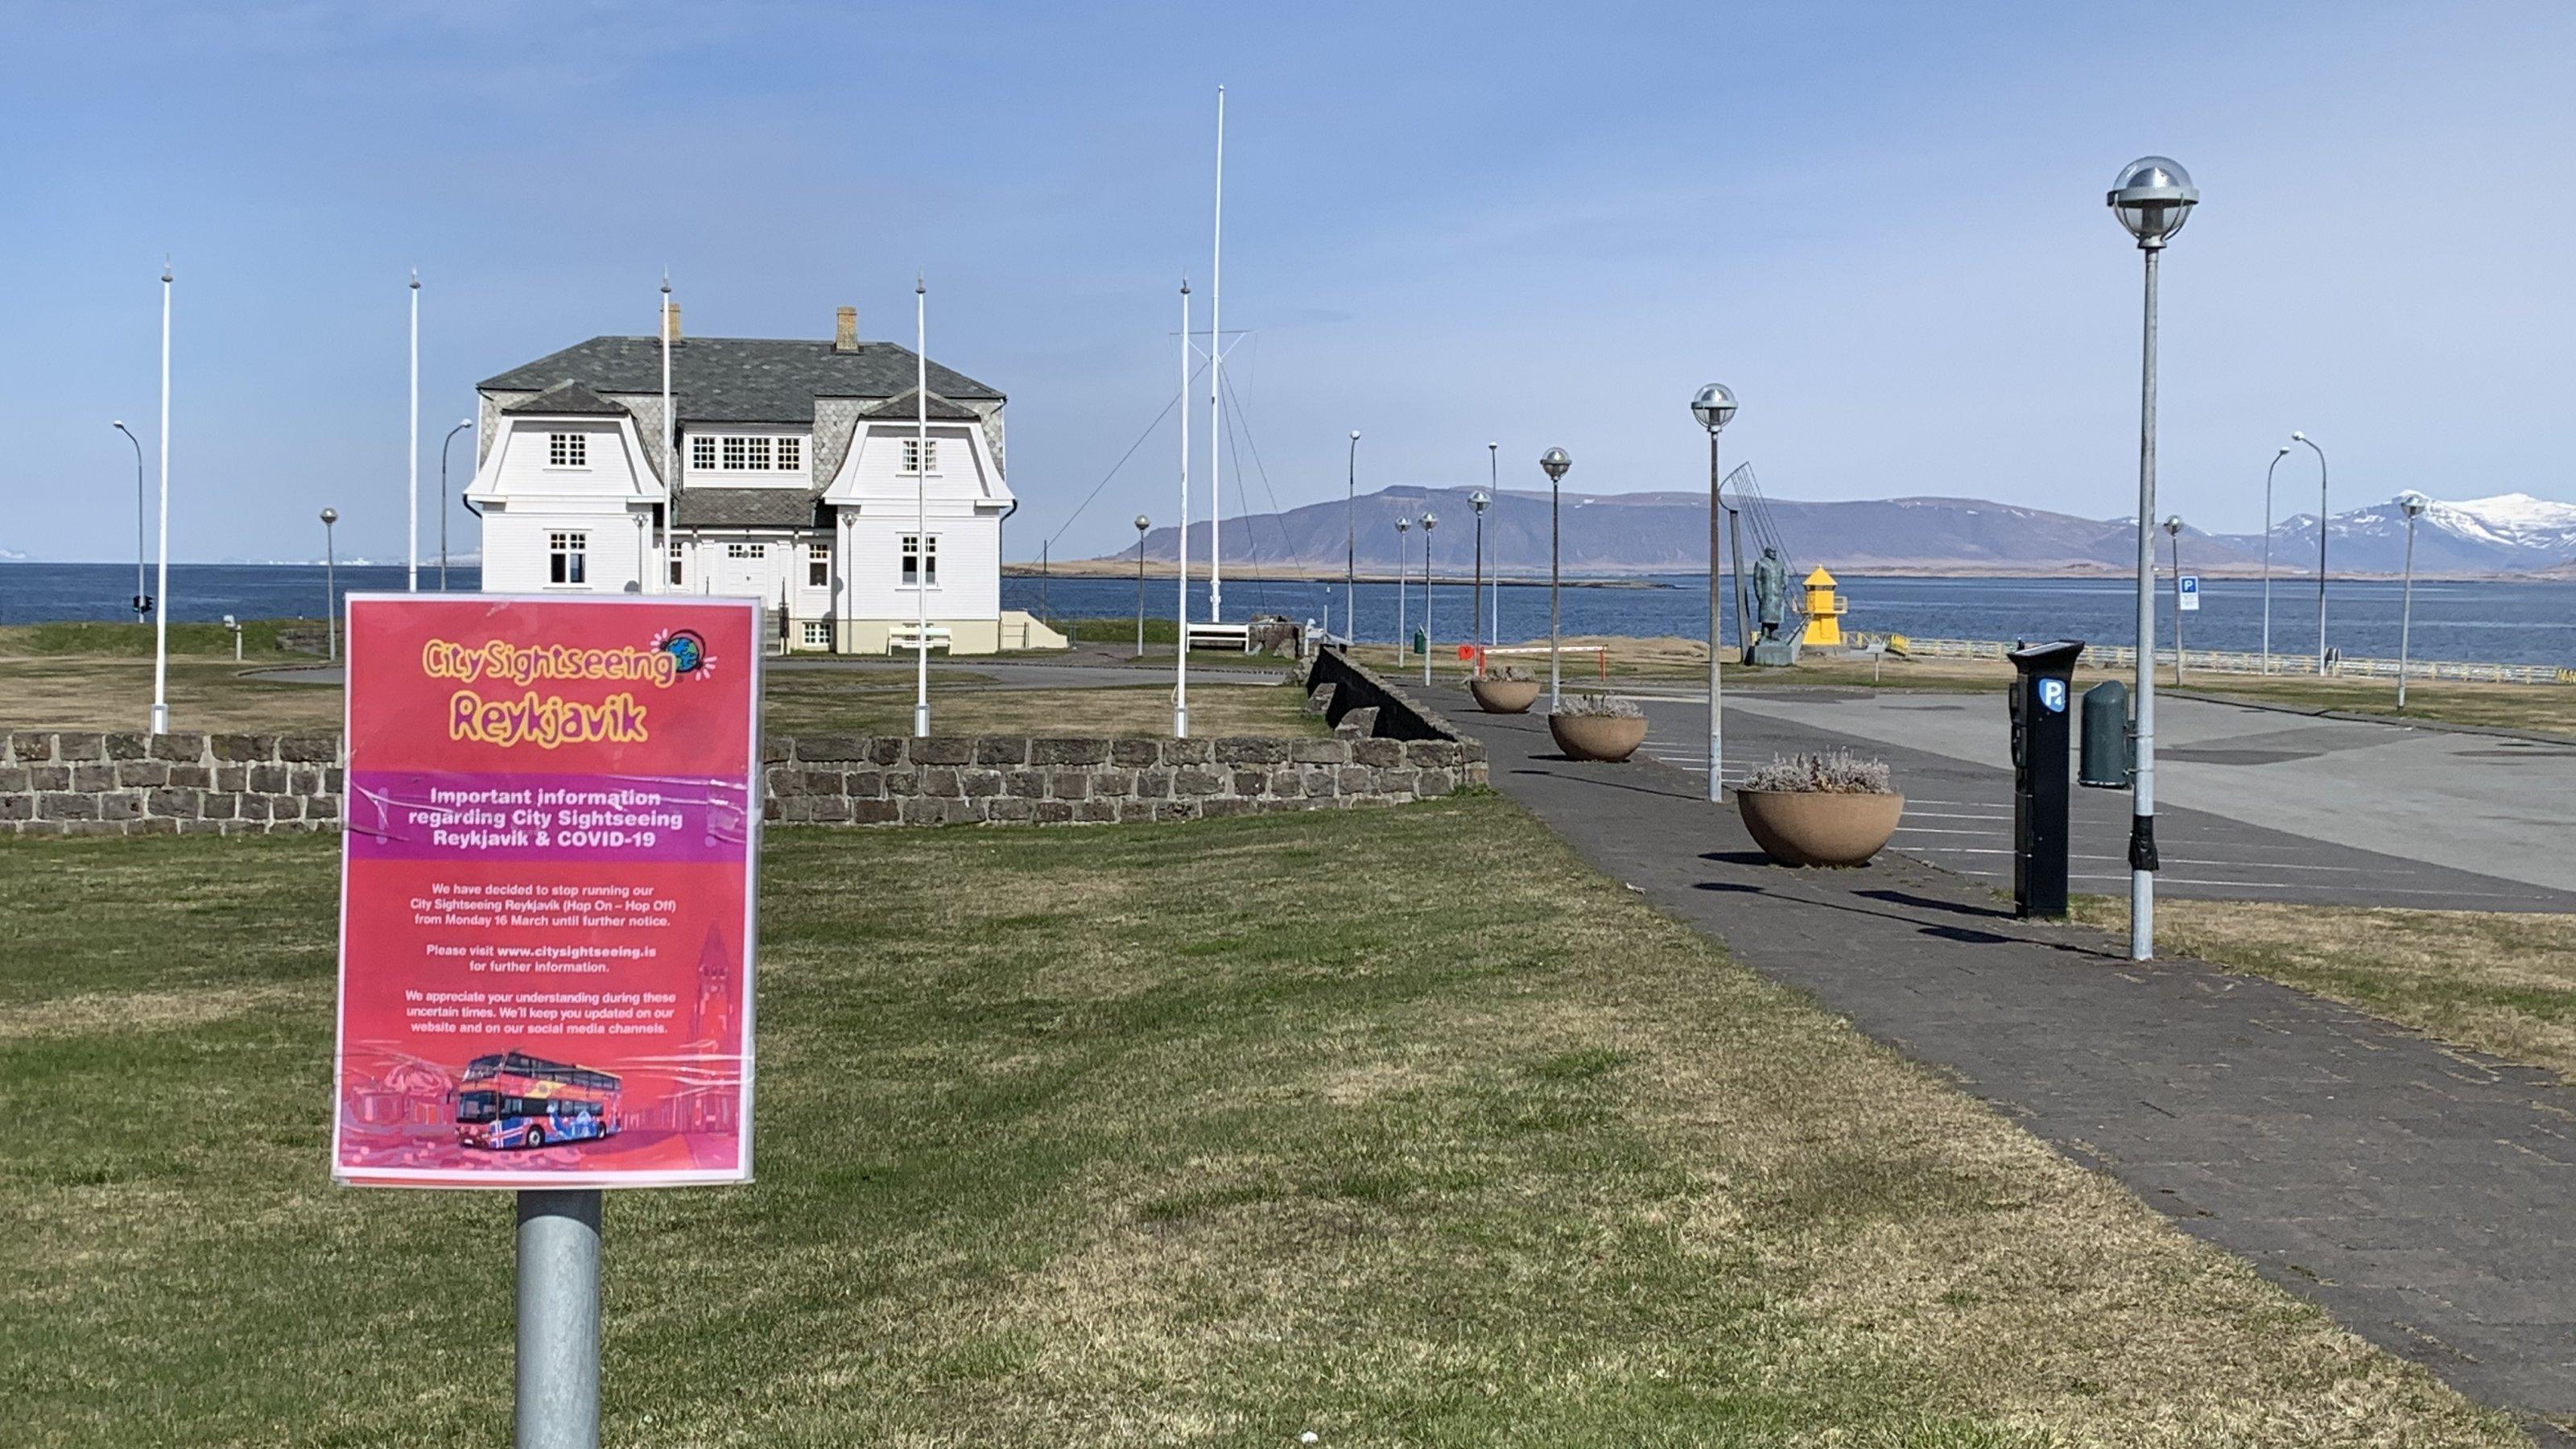 Touristenattraktion in Reykjavik ohne Touristen mit Informationsschild über Covid-19